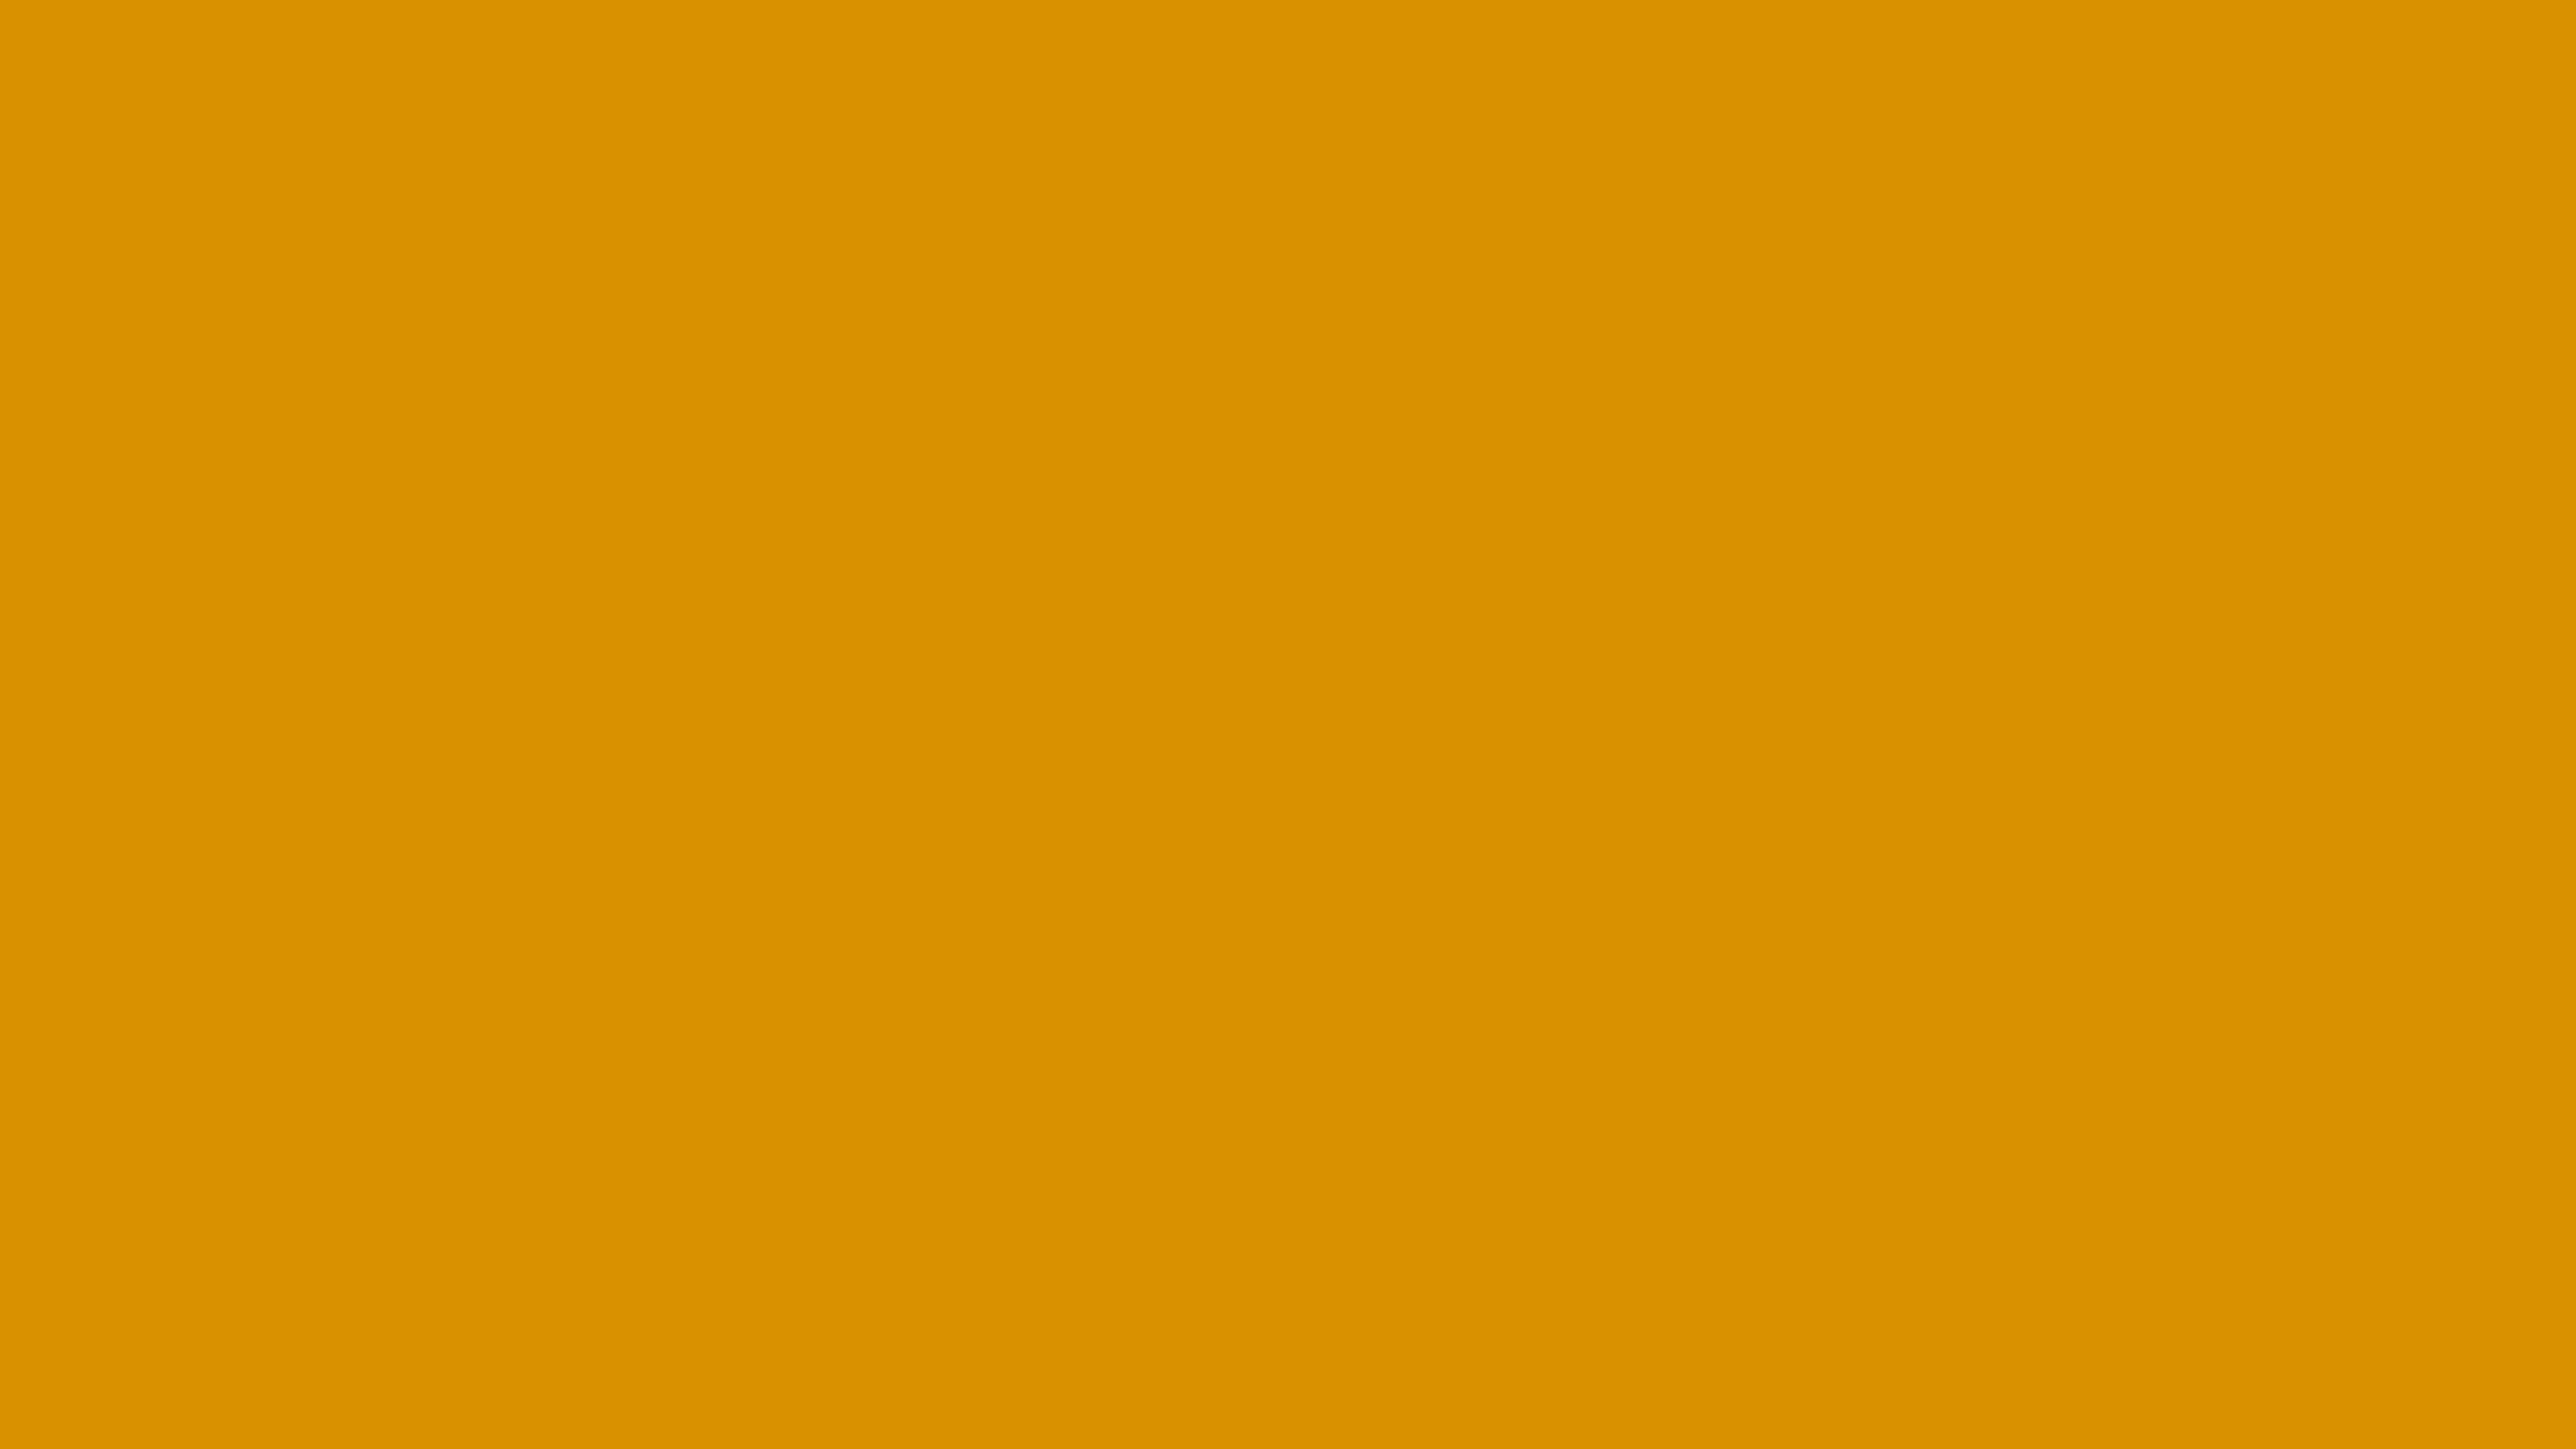 5120x2880 Harvest Gold Solid Color Background